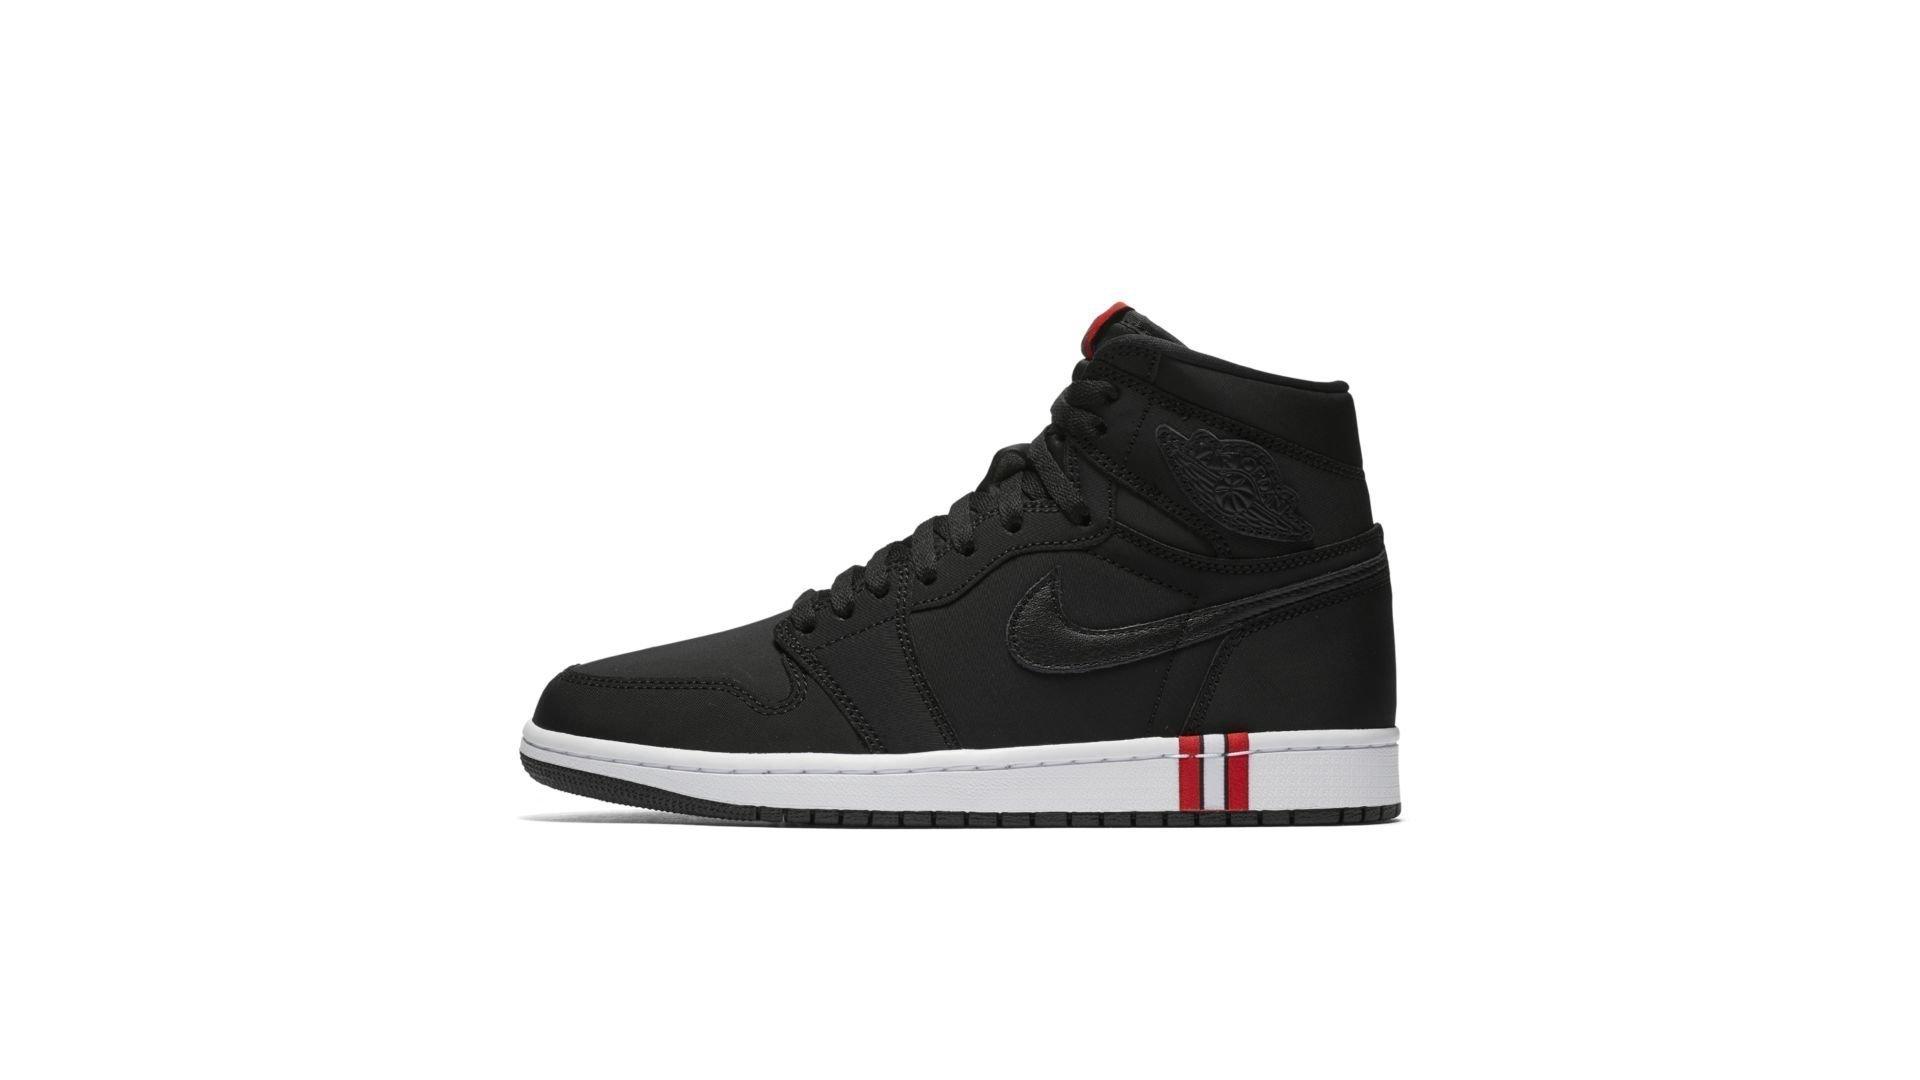 Air Jordan 1 High OG 'PSG' (AR3254-001)